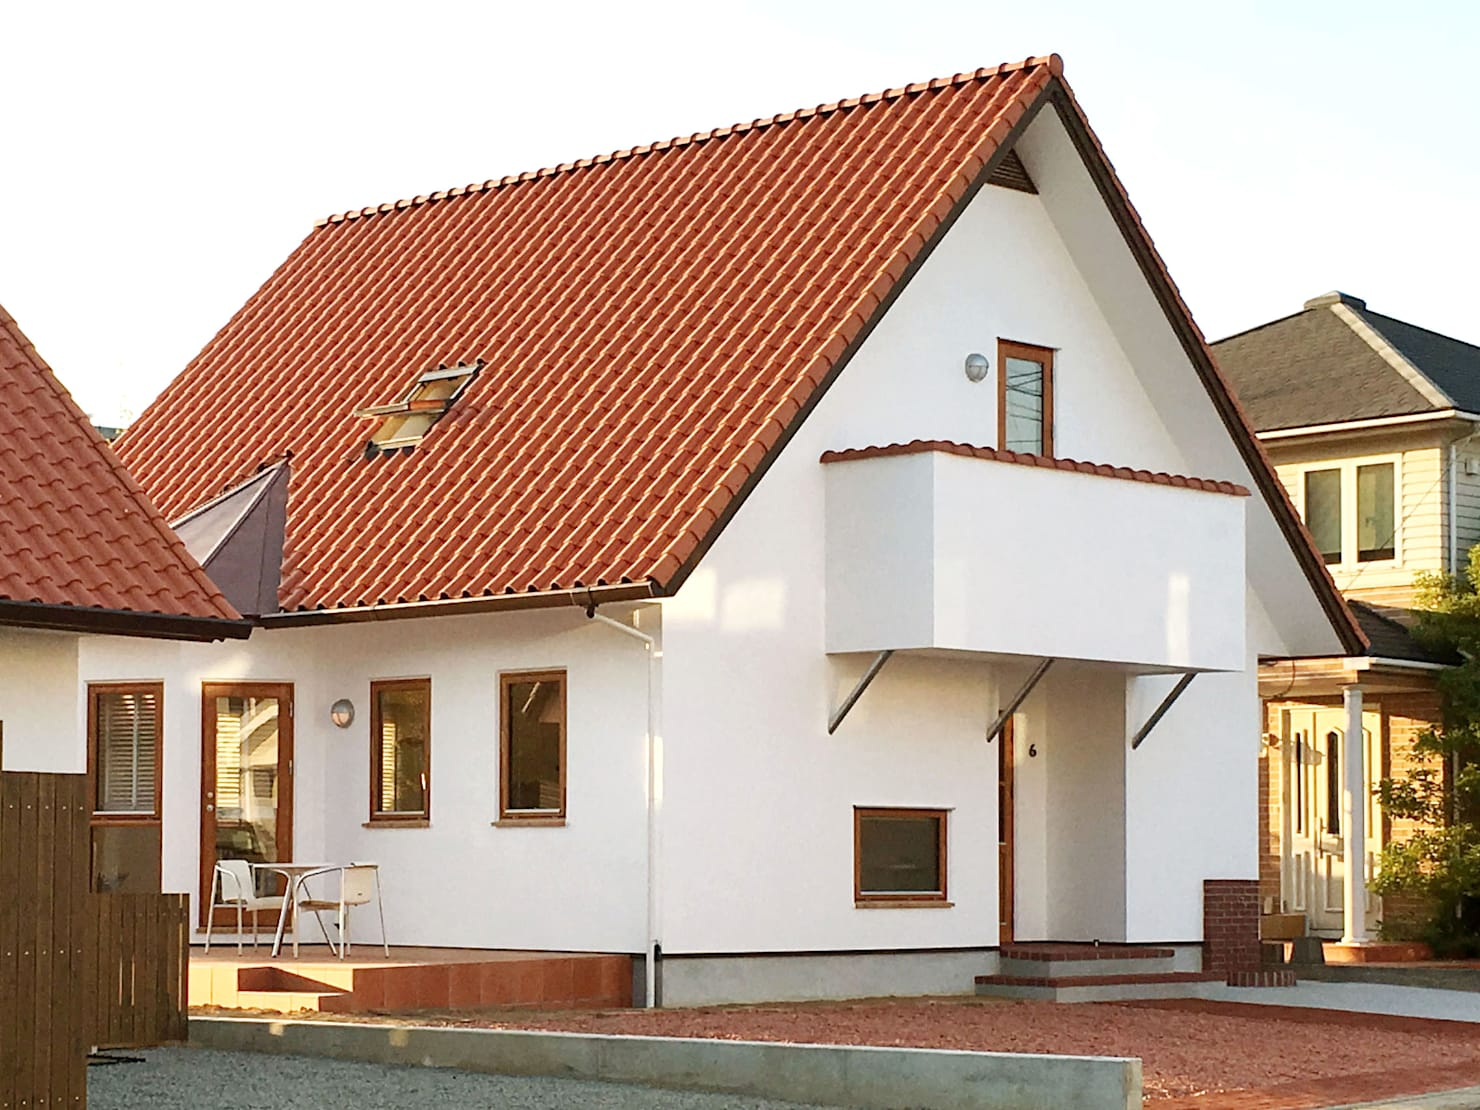 บ้านสีโทนซอฟท์ขนาดเล็ก แต่ความสวยไม่เล็ก!